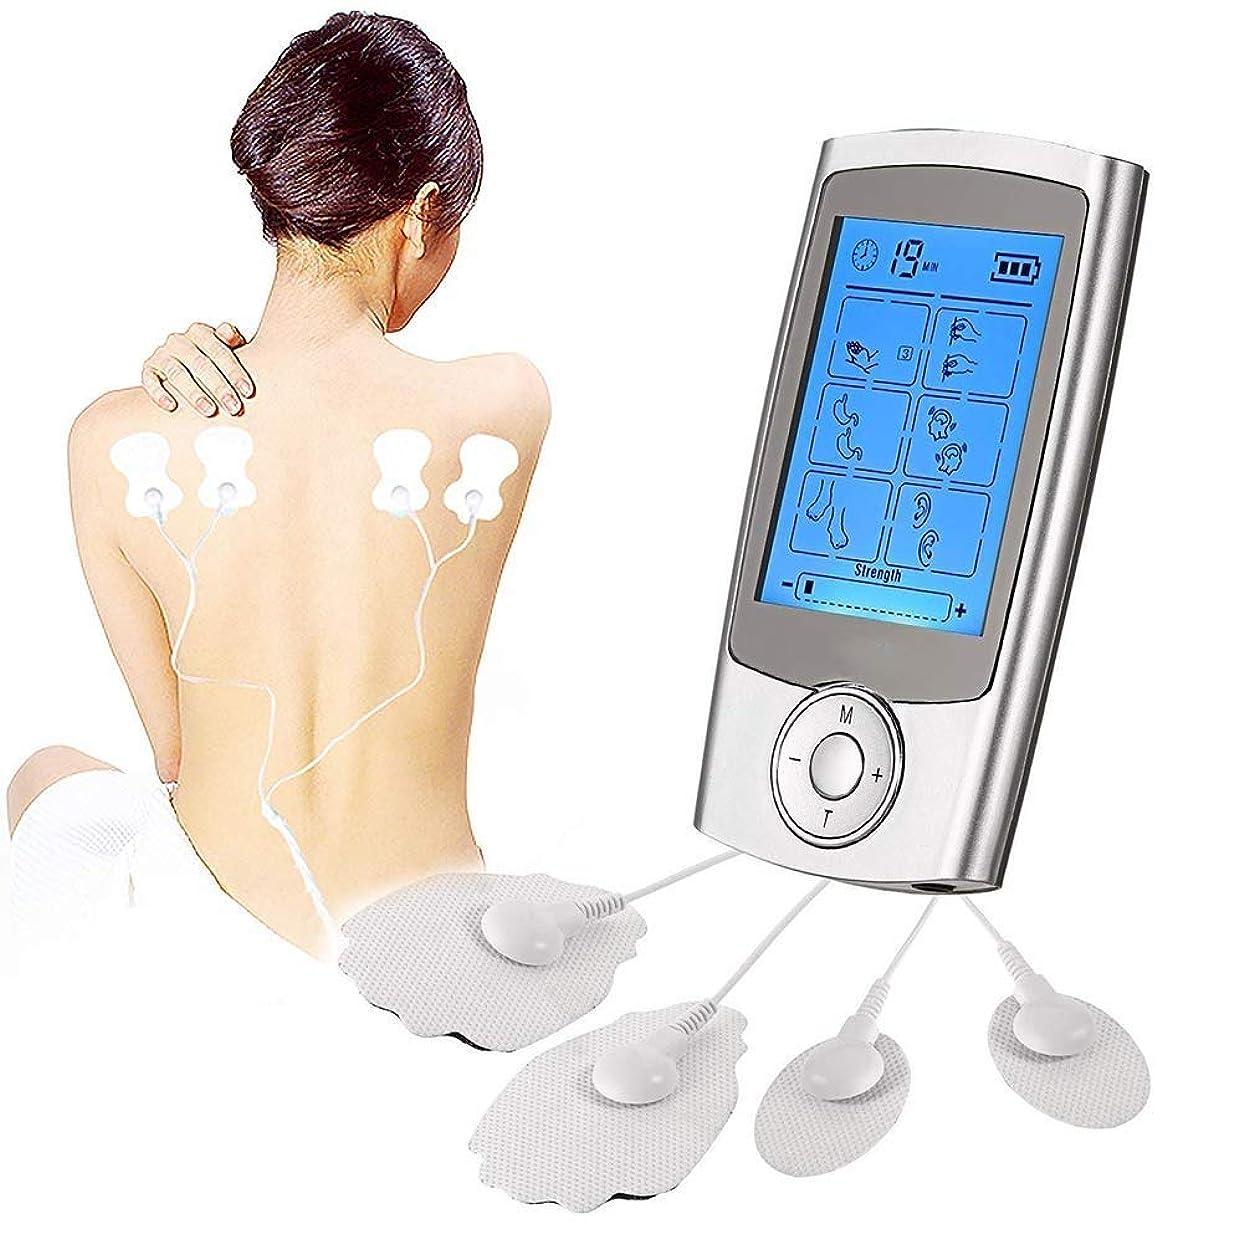 エスカレーター敵意マダムマッサージステッカー 10の機械痛みの軽減機械、EMSのマッサージ16のモードおよび背中の首の圧力坐骨の痛みを扱うための8つのパッドのマッサージャーが付いている疼痛管理そしてリハビリテーションのための10の機械療法装置